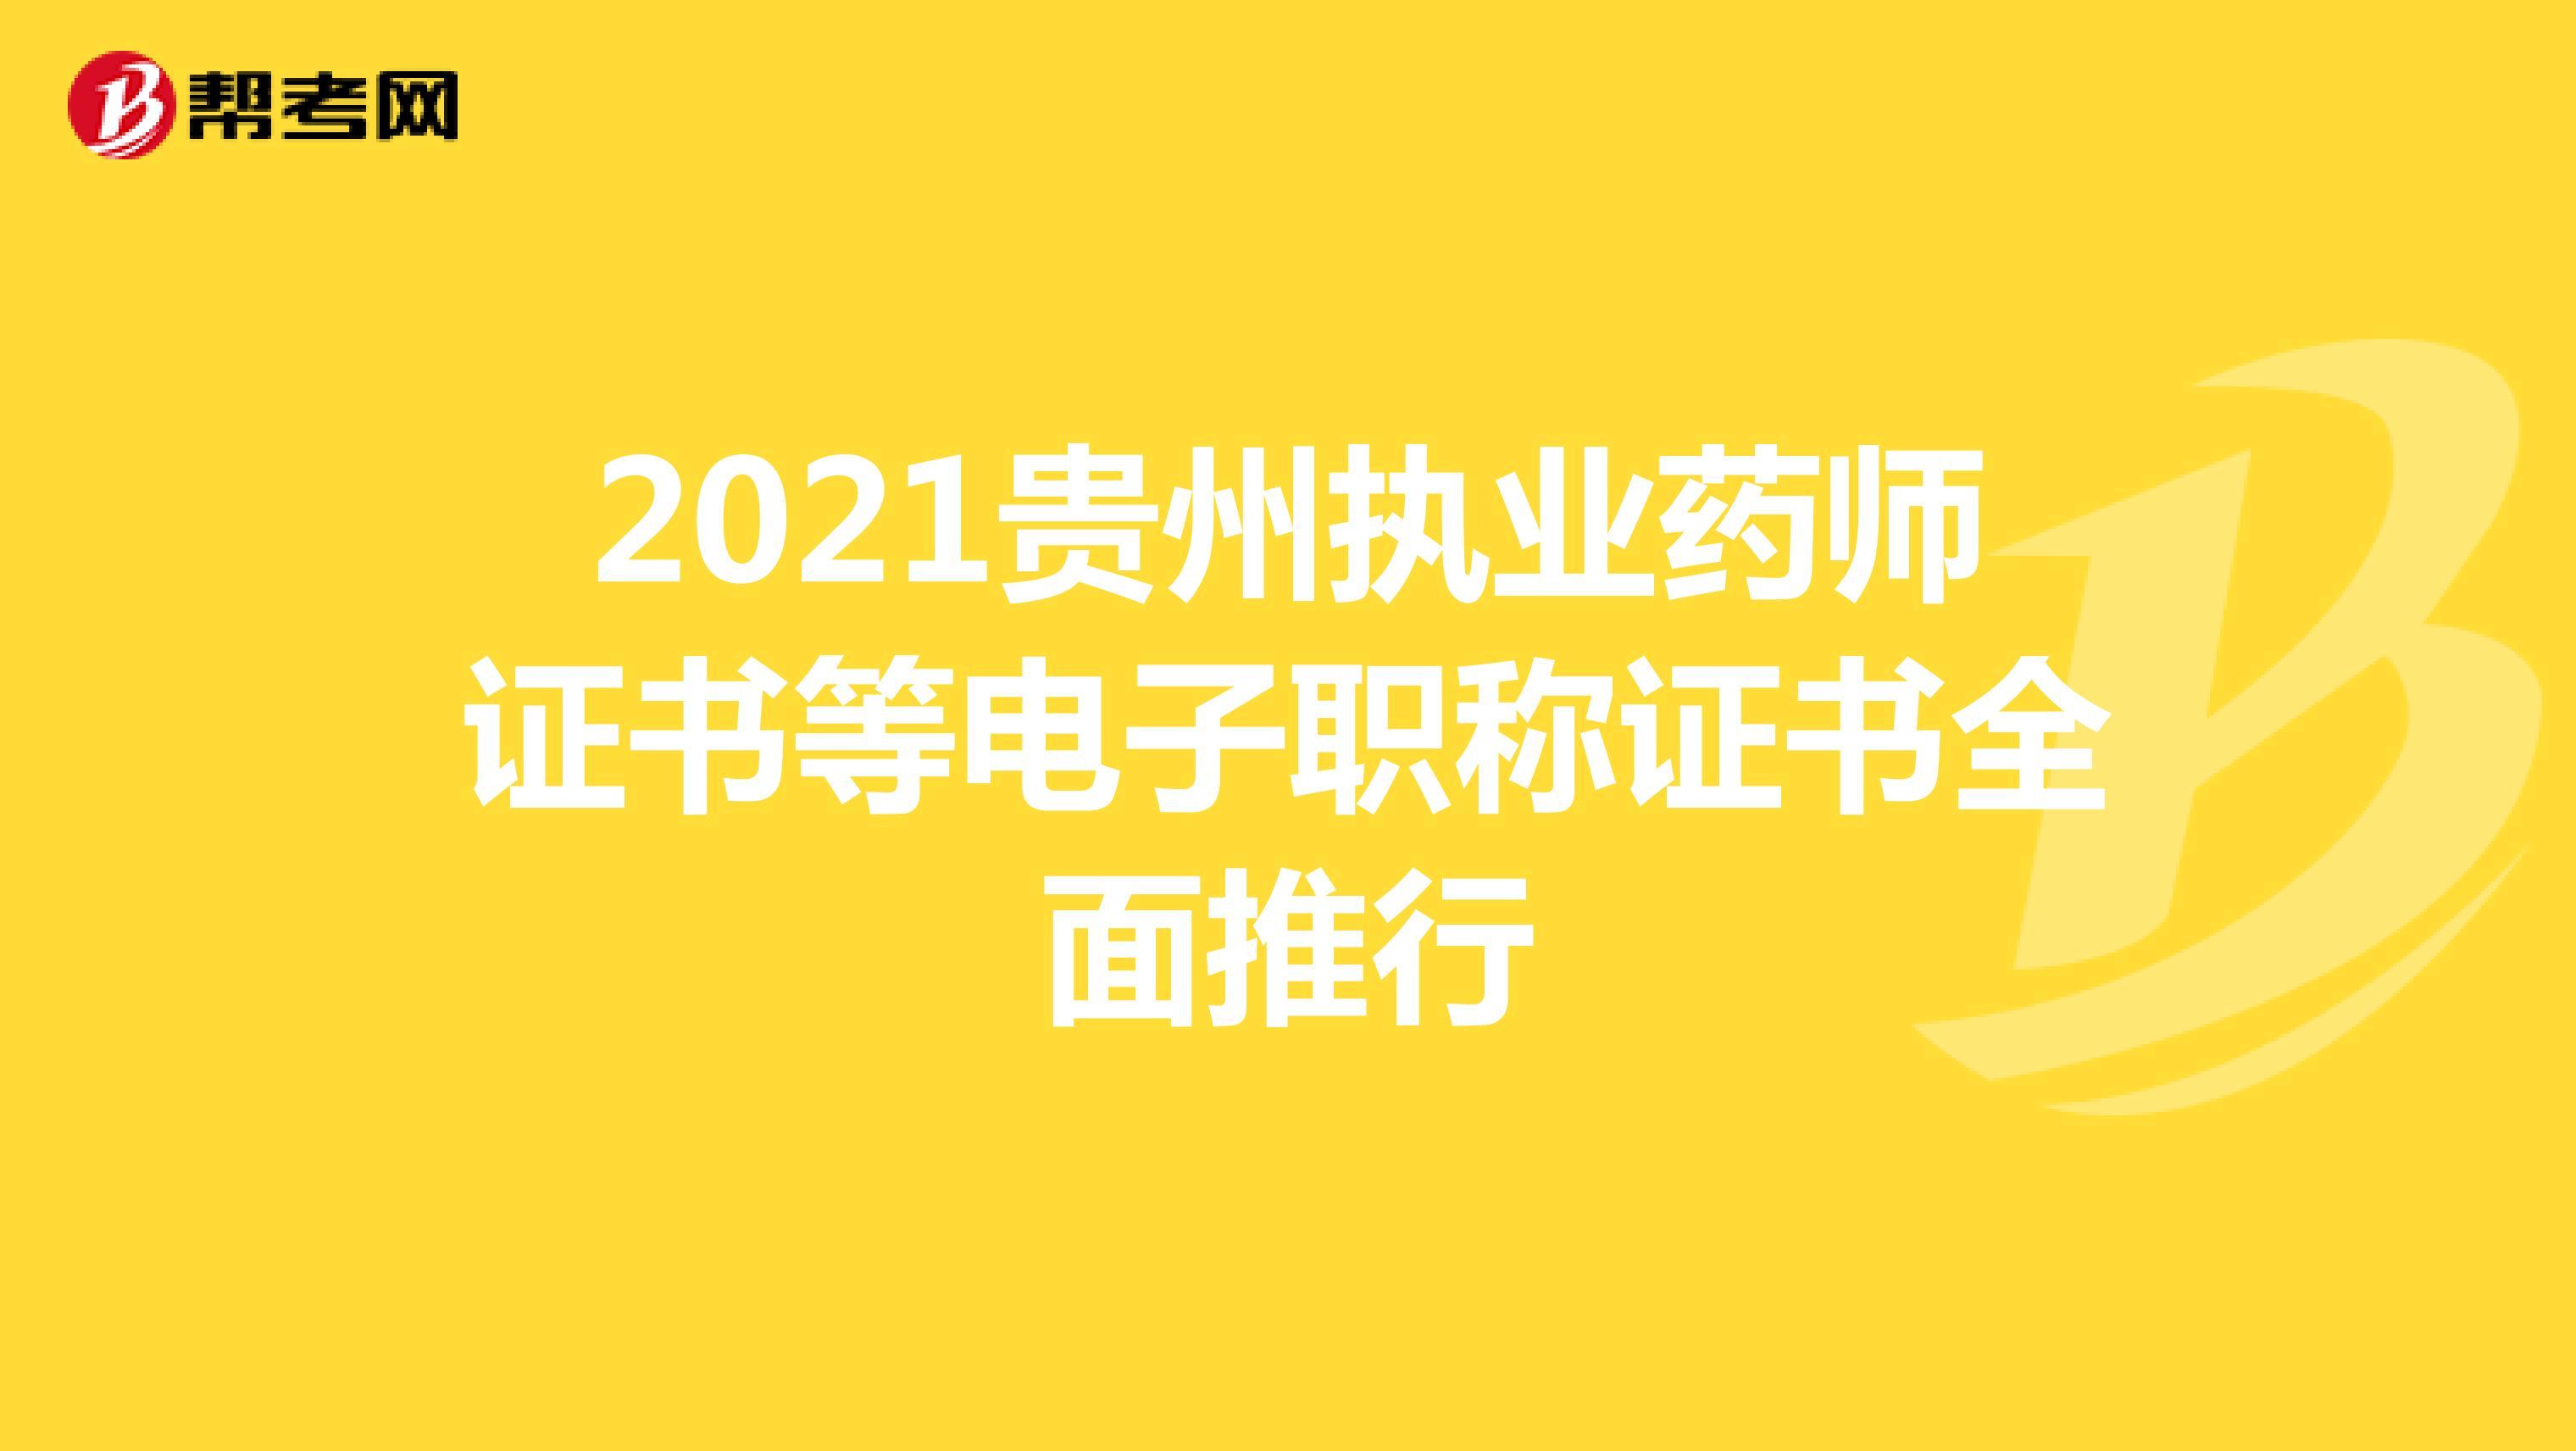 2021贵州执业药师证书等电子职称证书全面推行